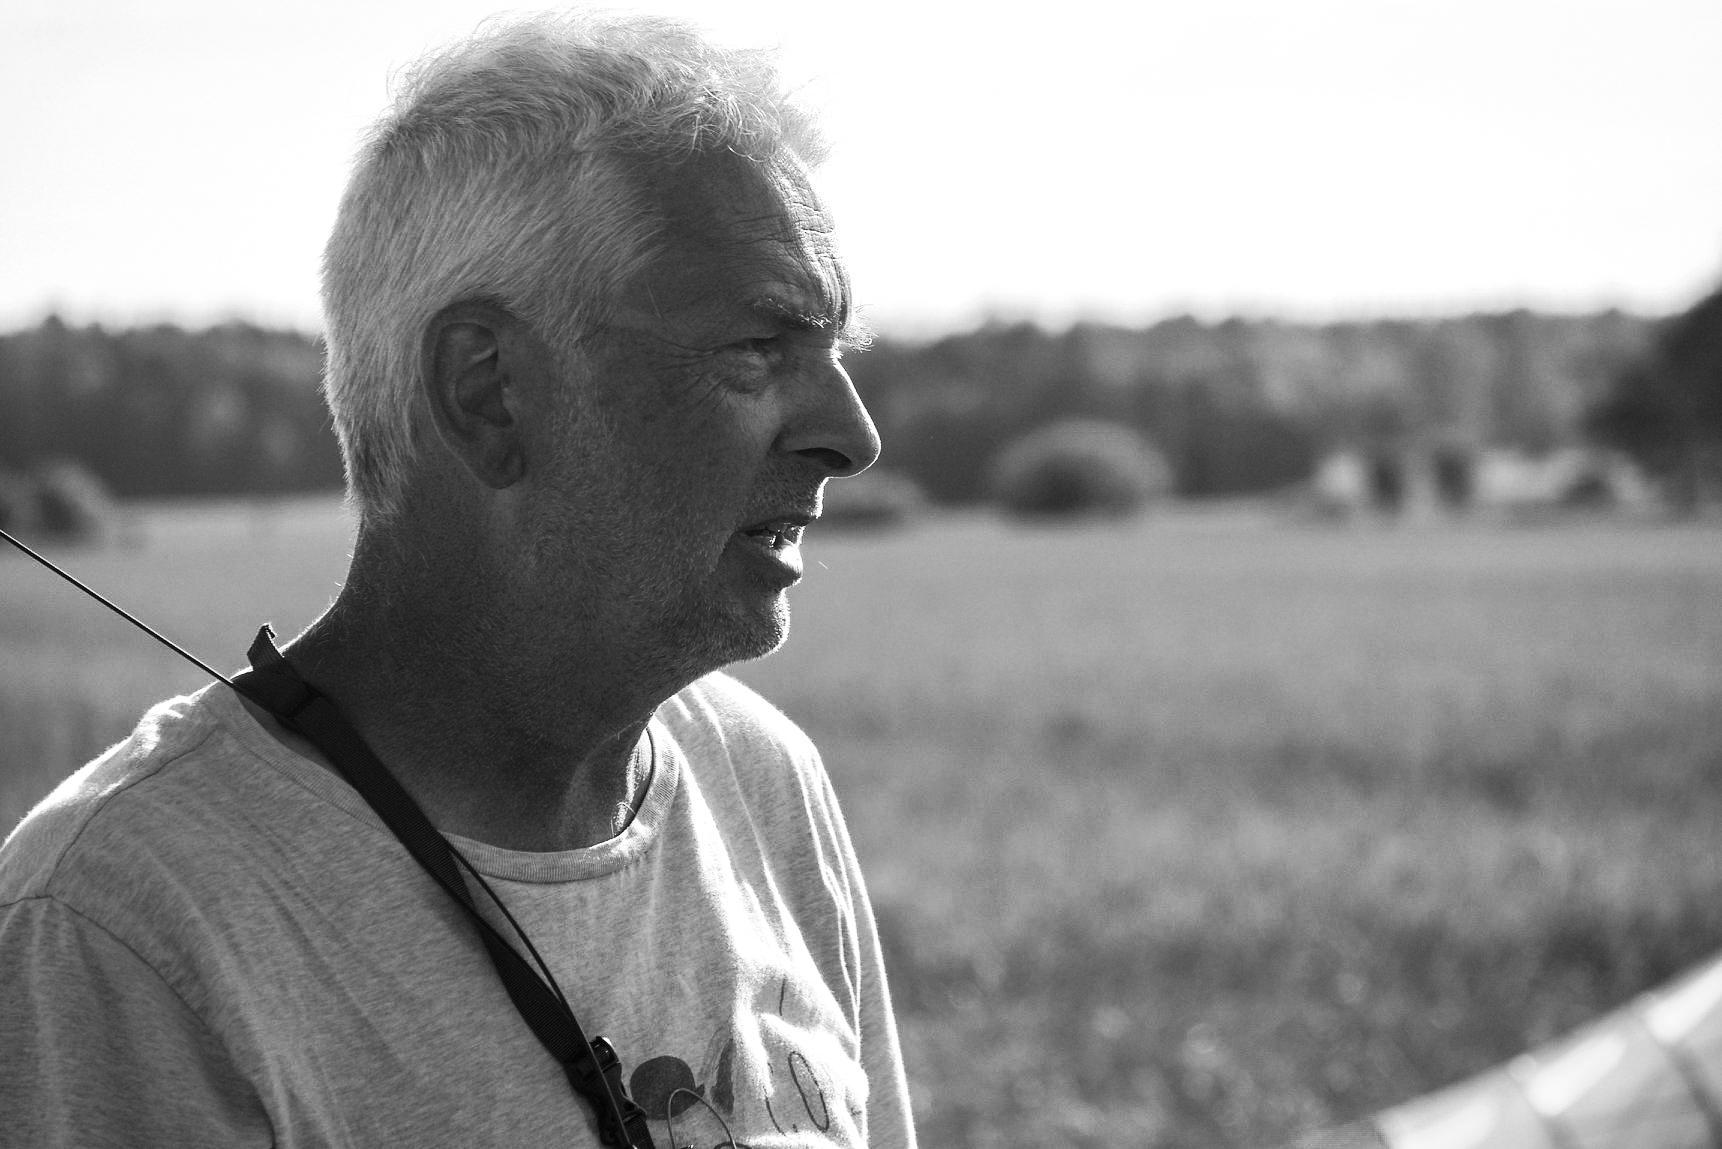 Björn Kvist